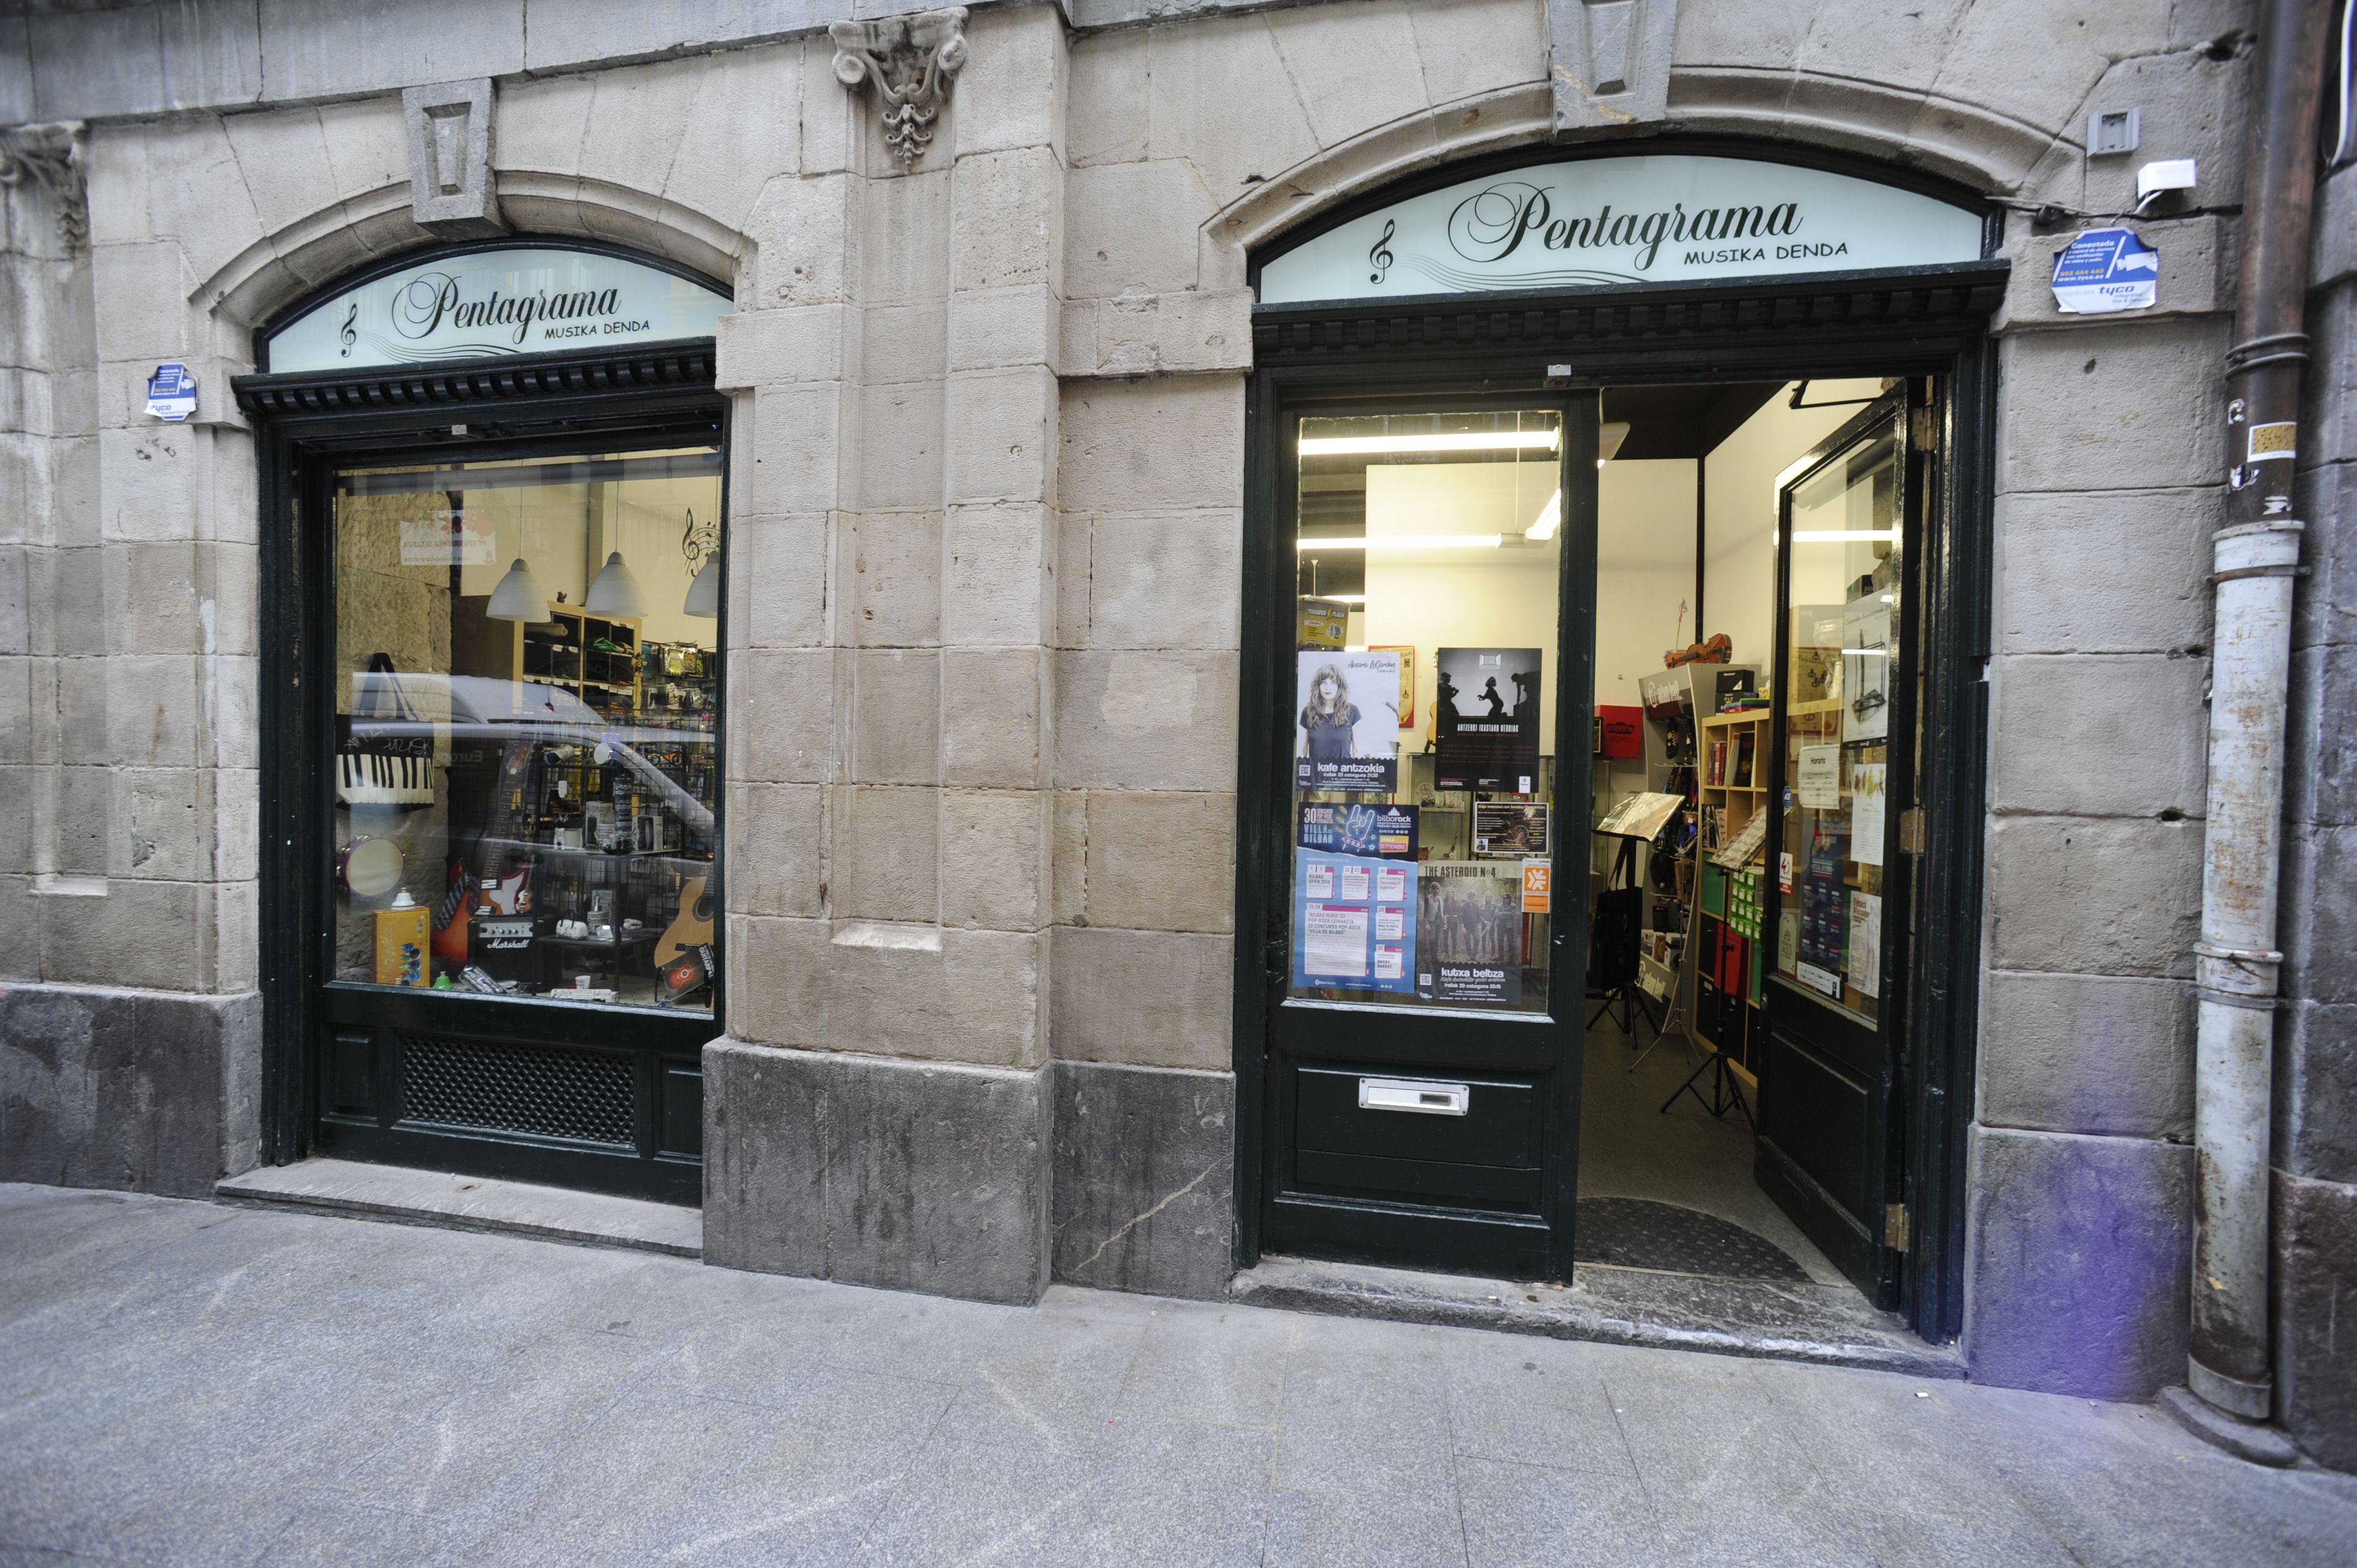 Entrada tienda Pentagrama en Bilbao